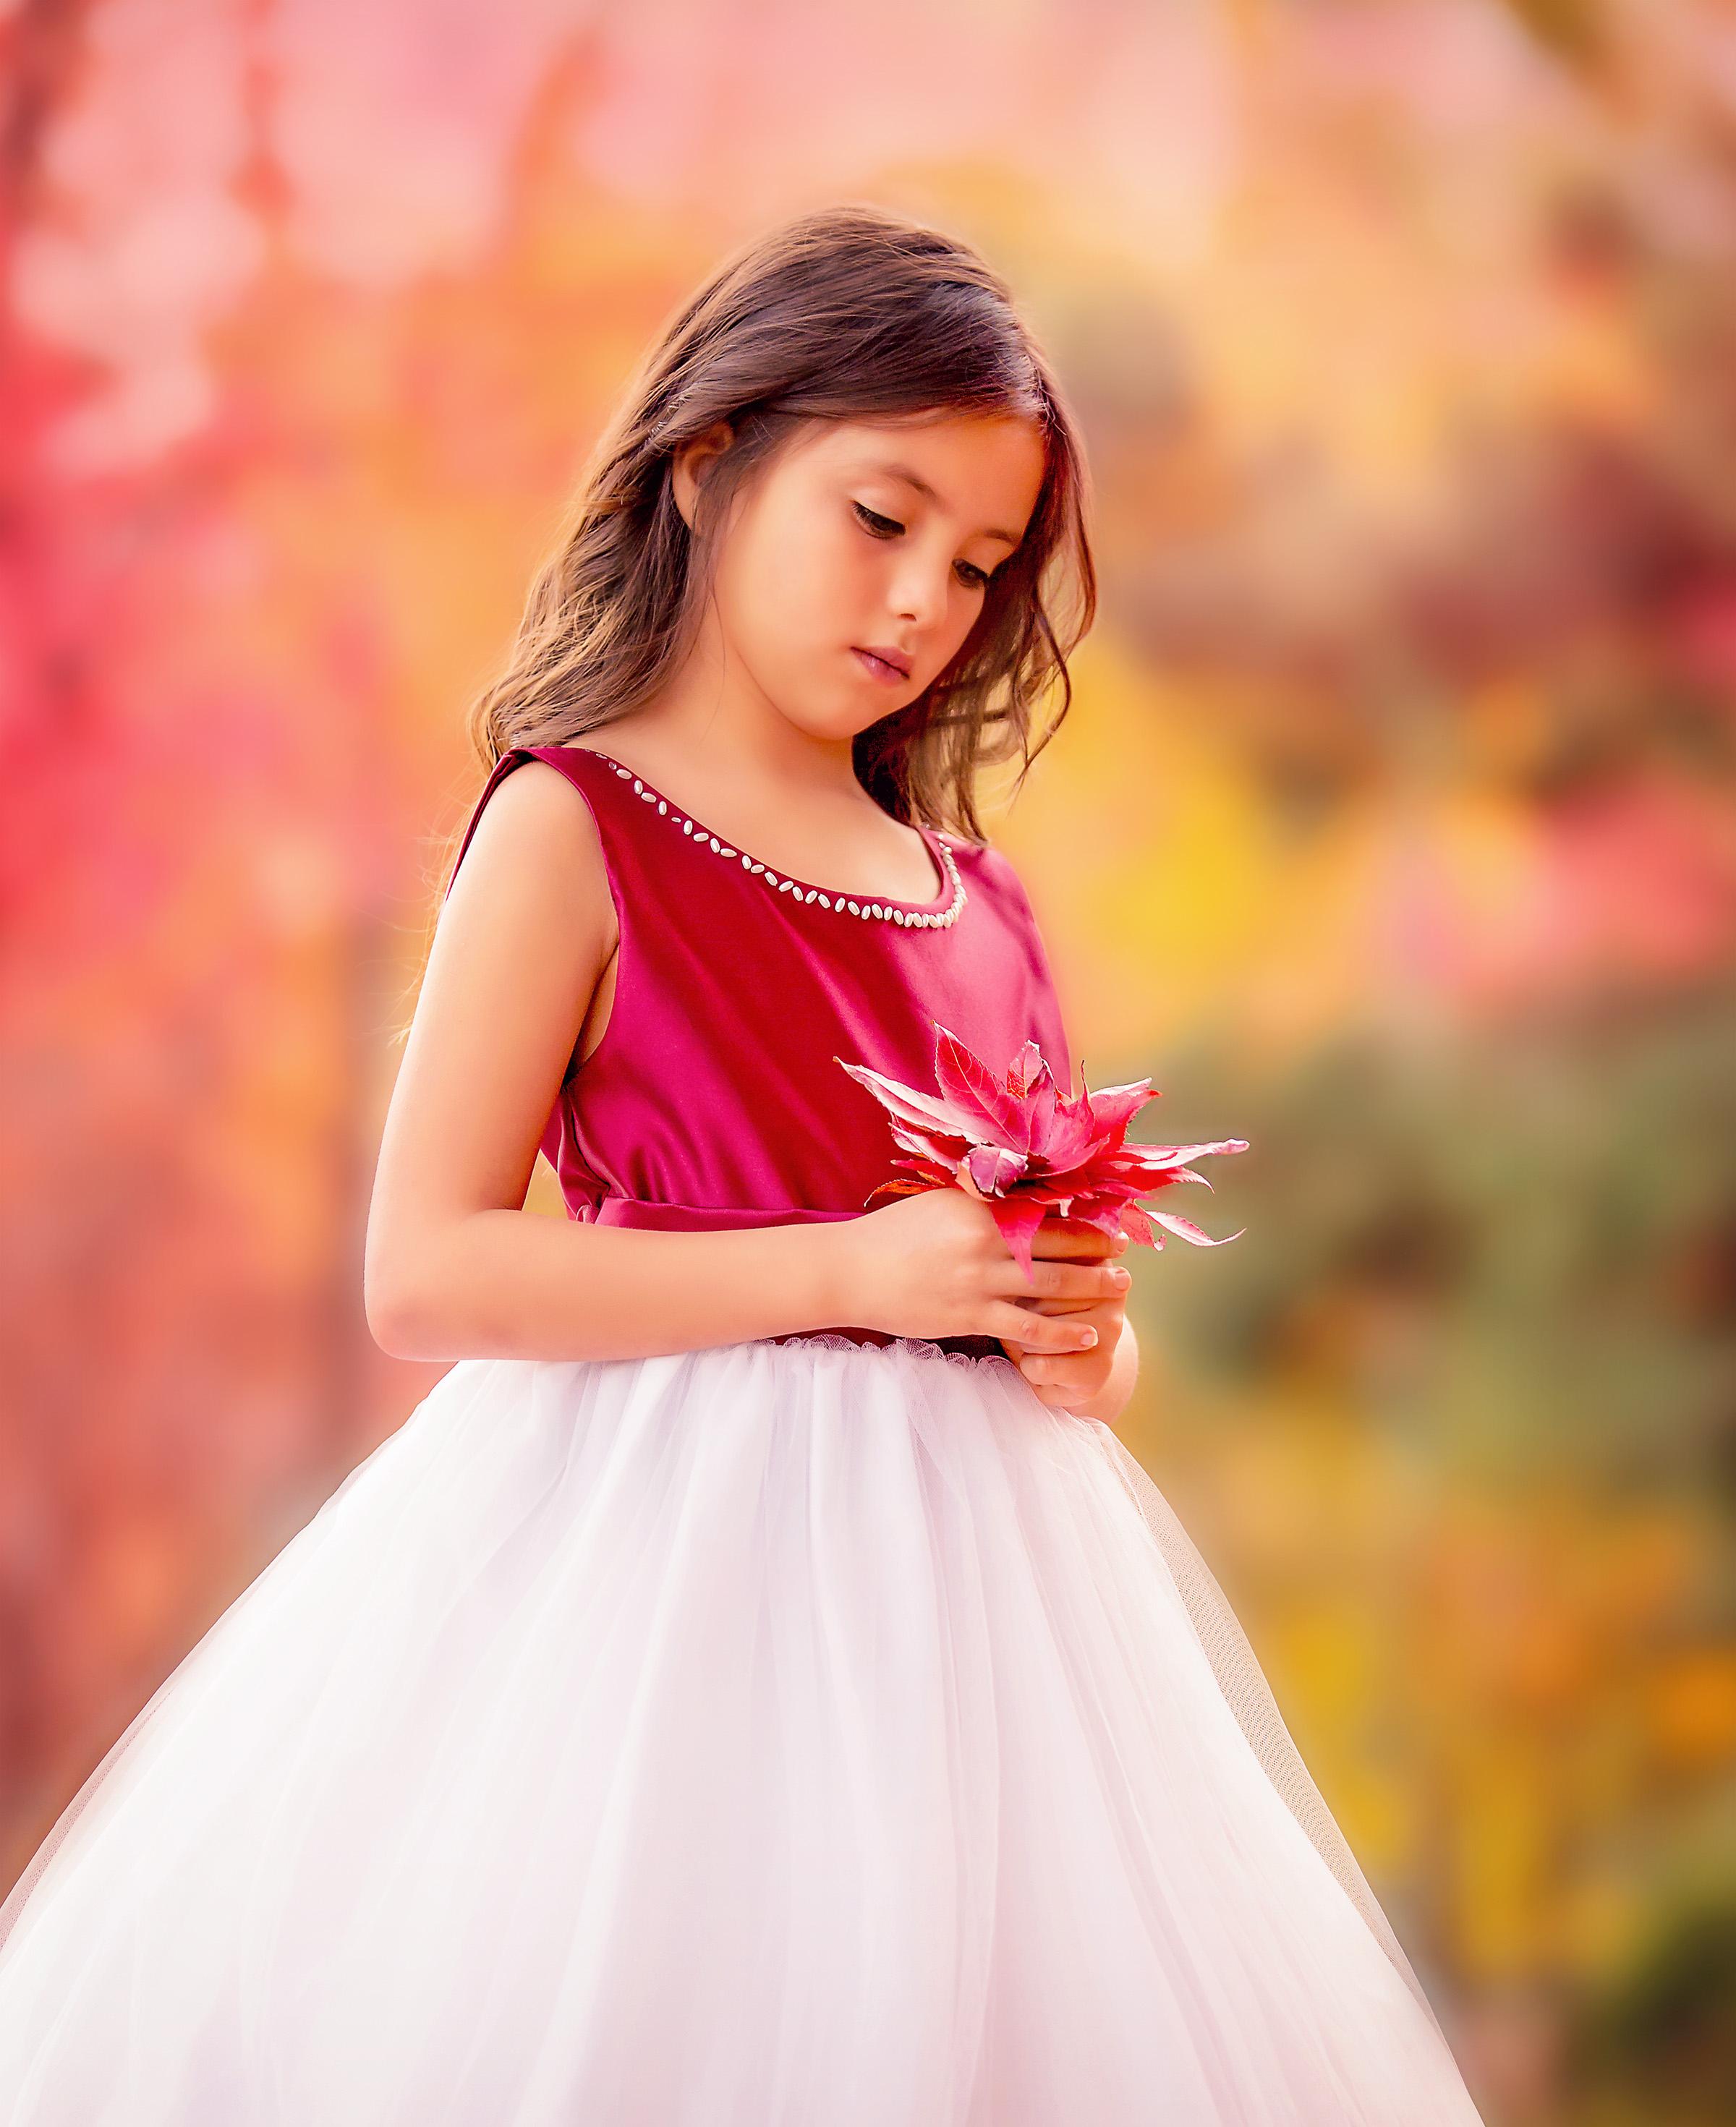 princess photos for girls San Jose